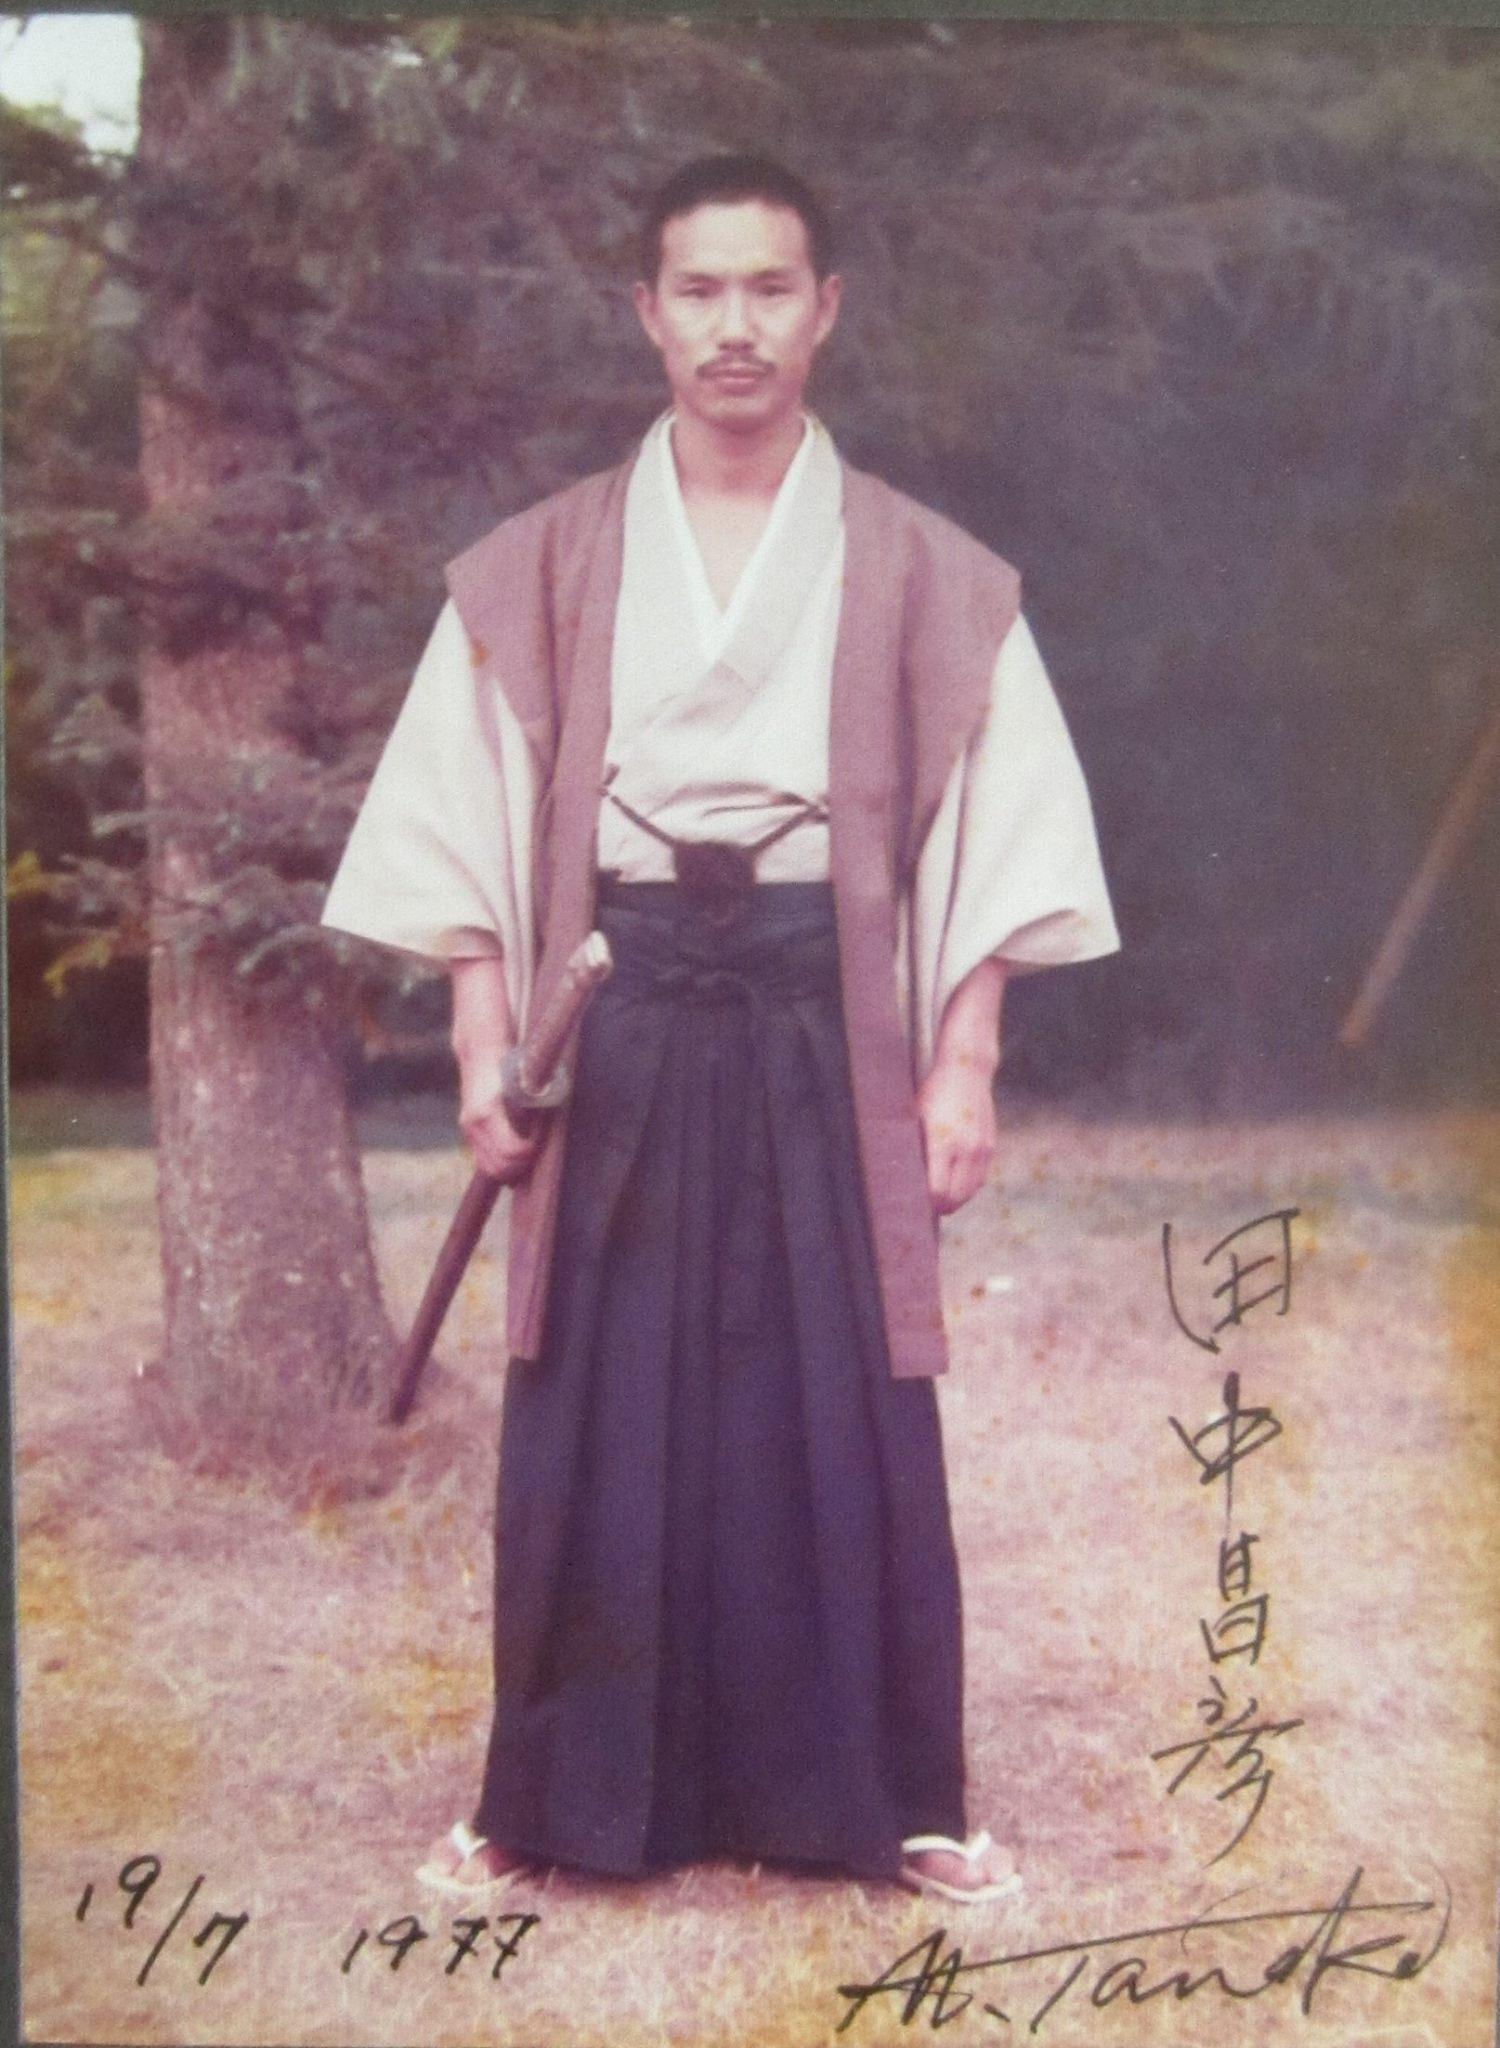 Tanaka sensei